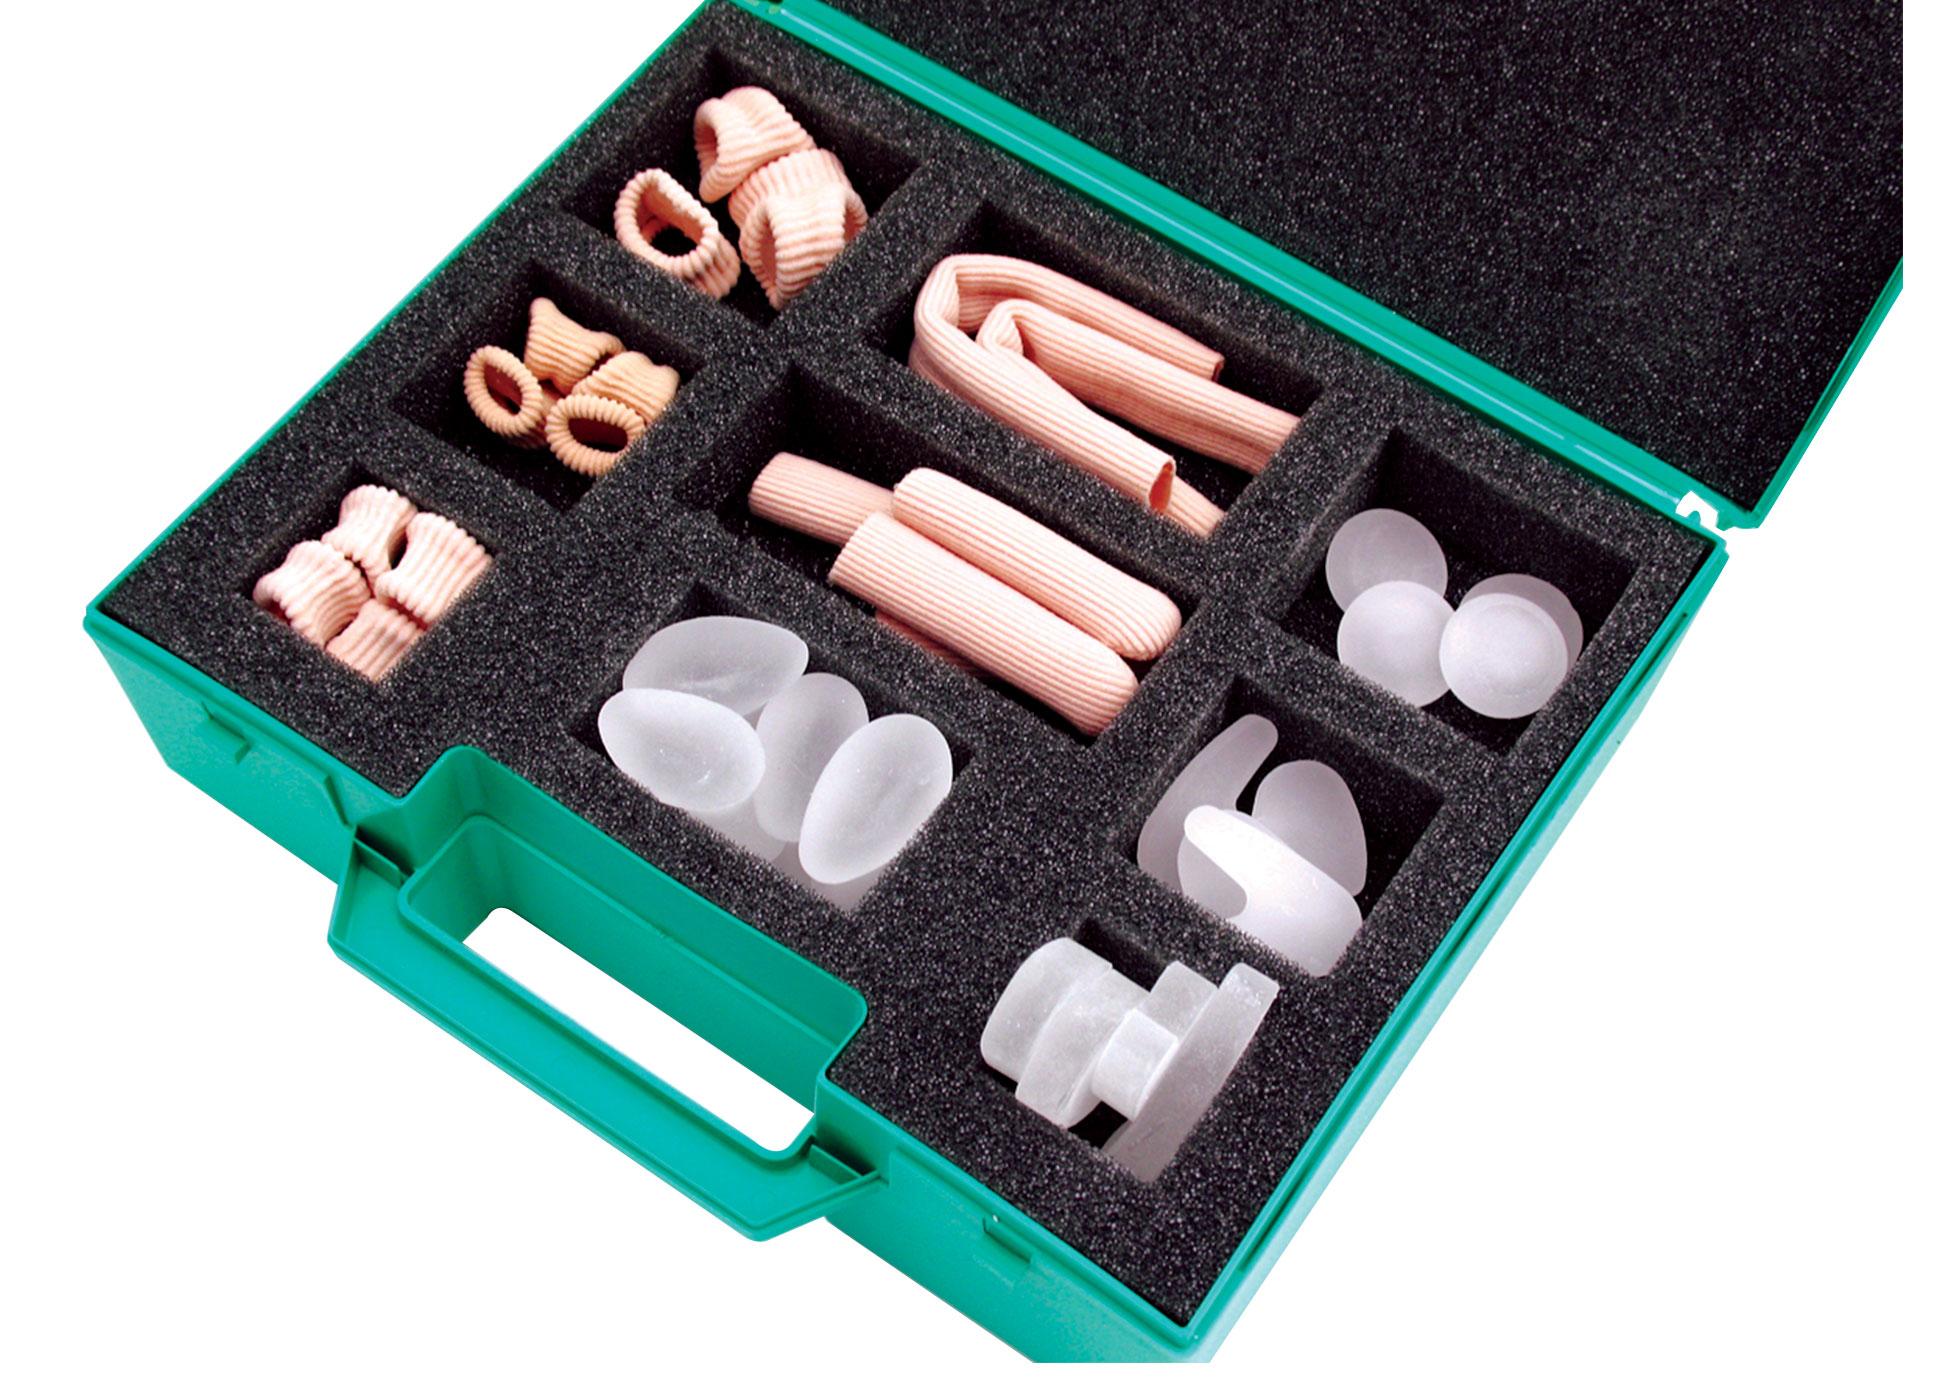 Hapla Gel Digital Care - Hapla Gel Footcare Kit